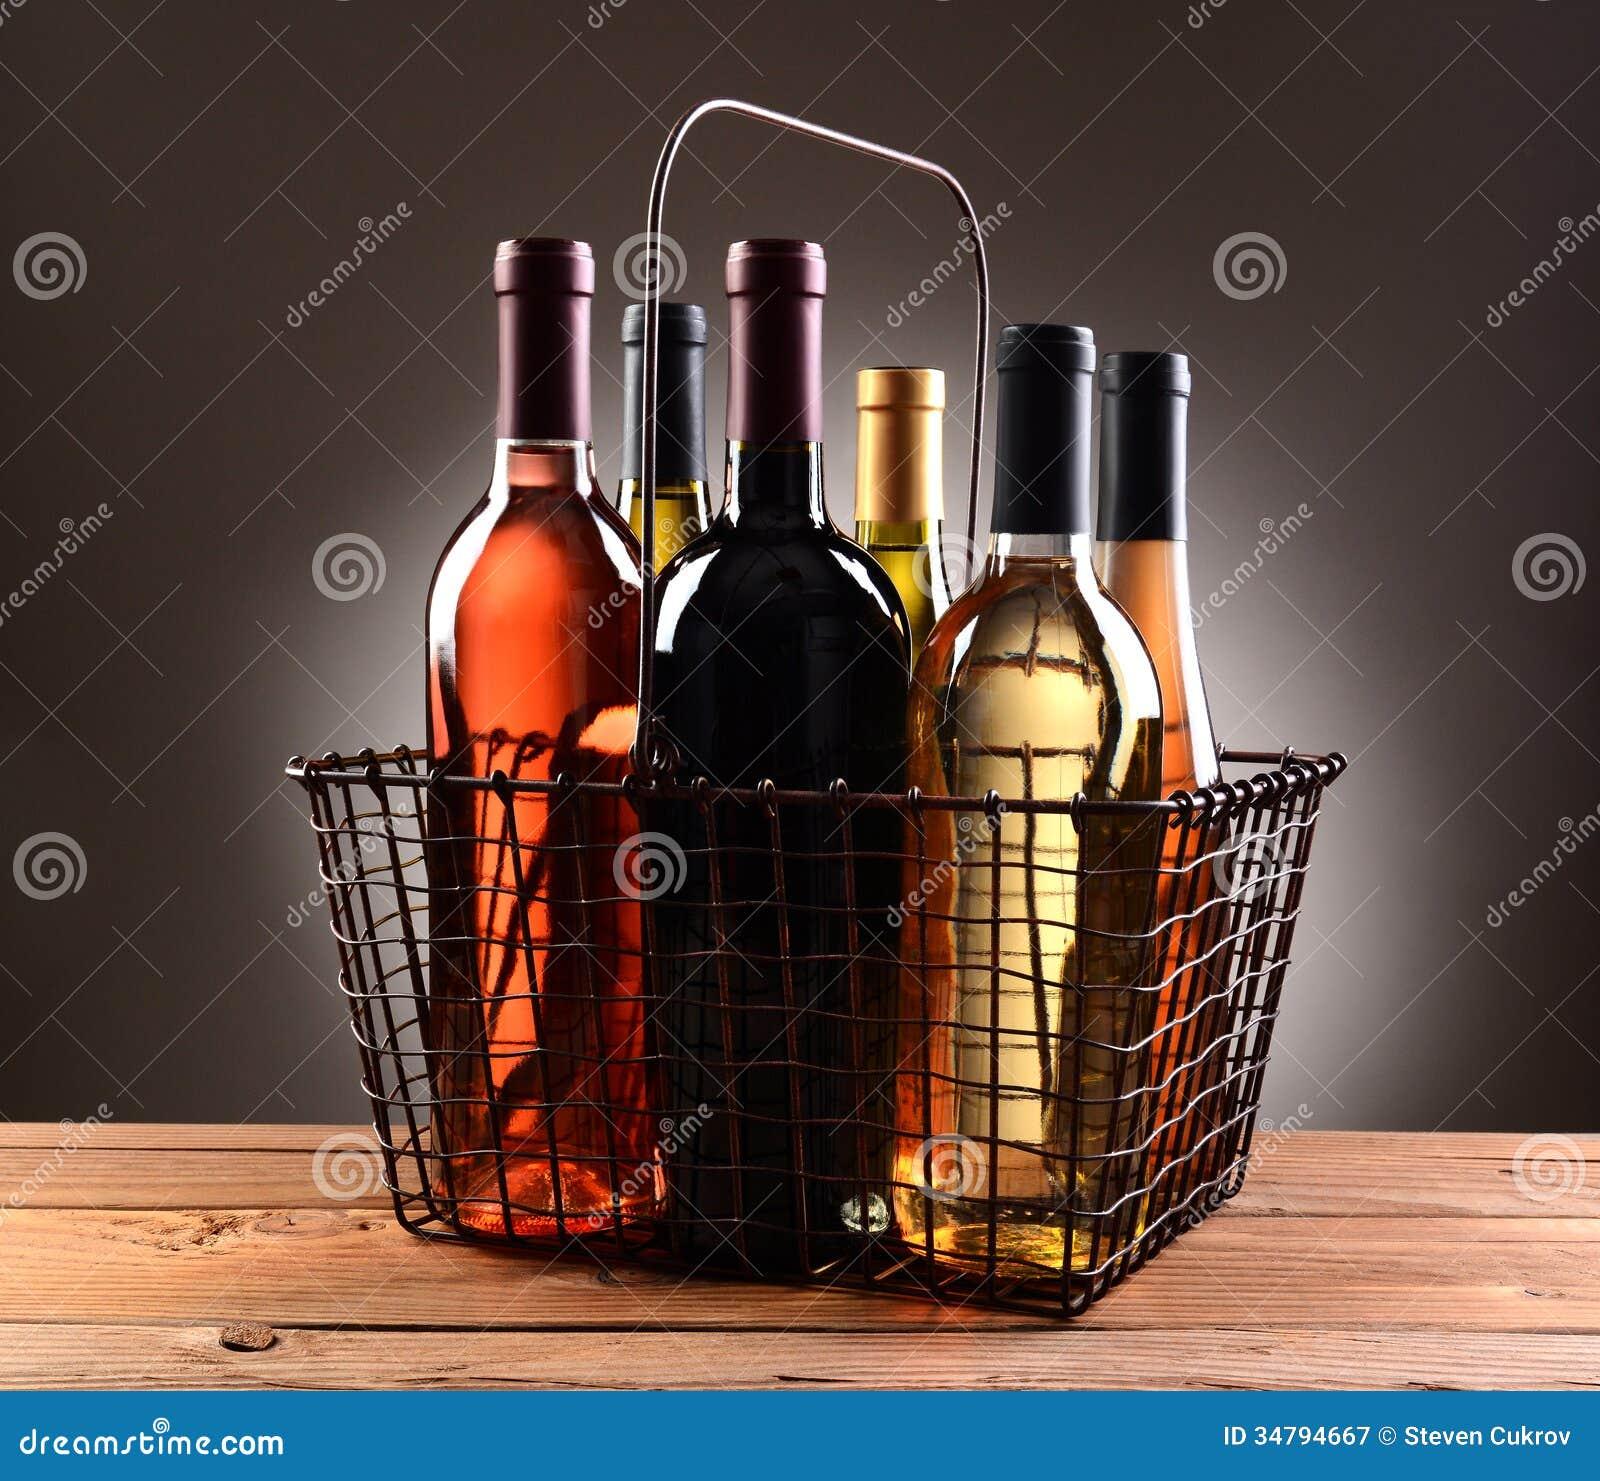 ein draht einkaufskorb gef llt mit wein flaschen lizenzfreie stockfotografie bild 34794667. Black Bedroom Furniture Sets. Home Design Ideas